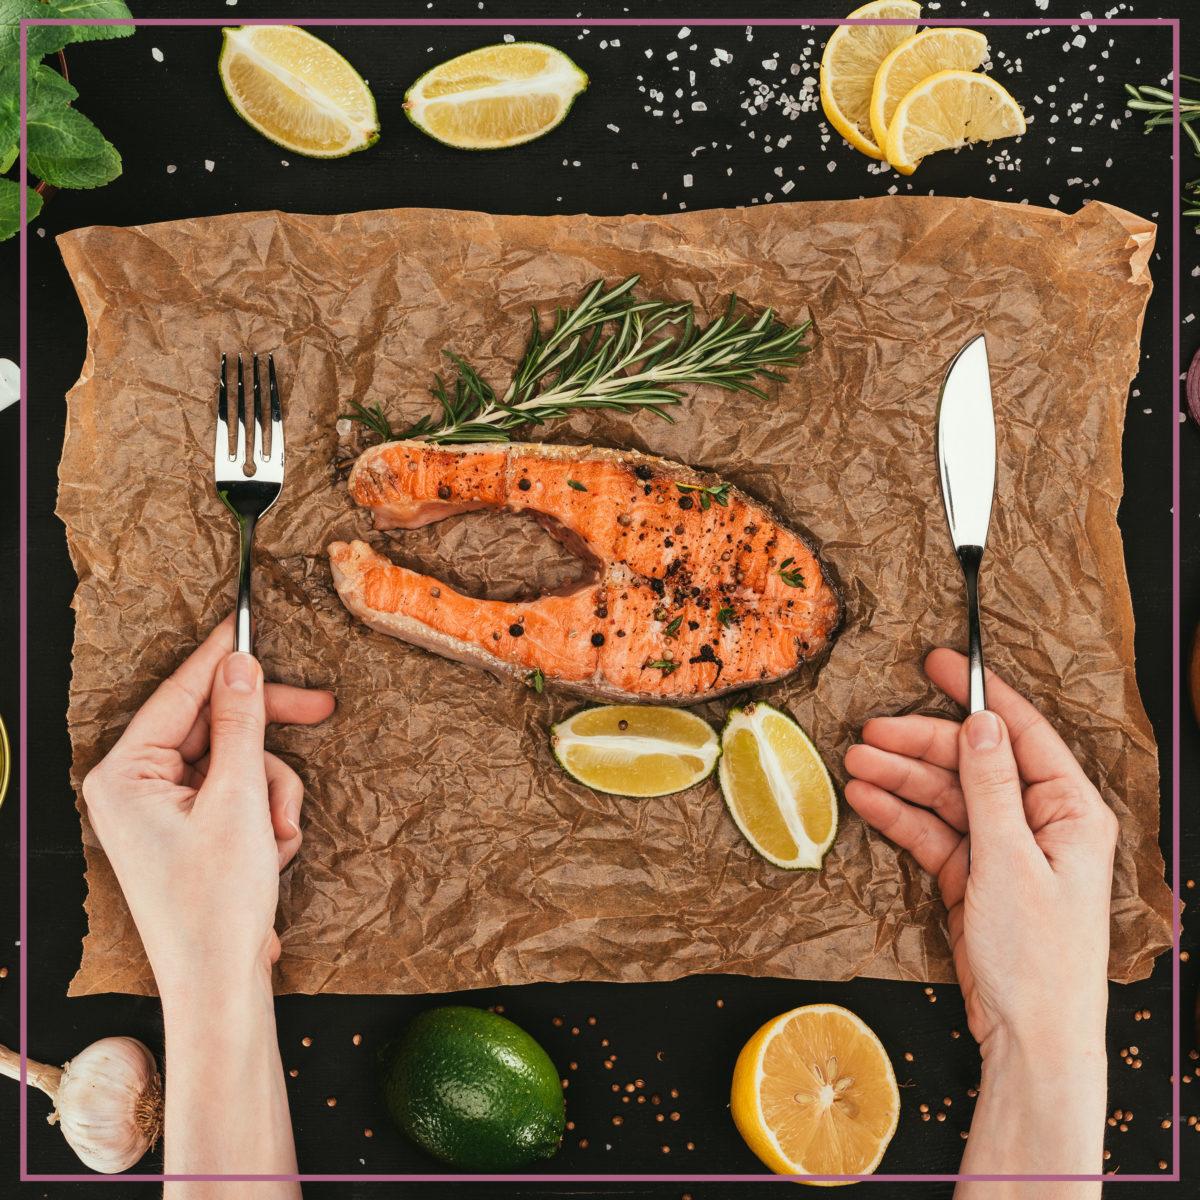 Salmone-di-allevamento-o-selvaggio-Fresco-o-affumicato-1200x1200.jpg